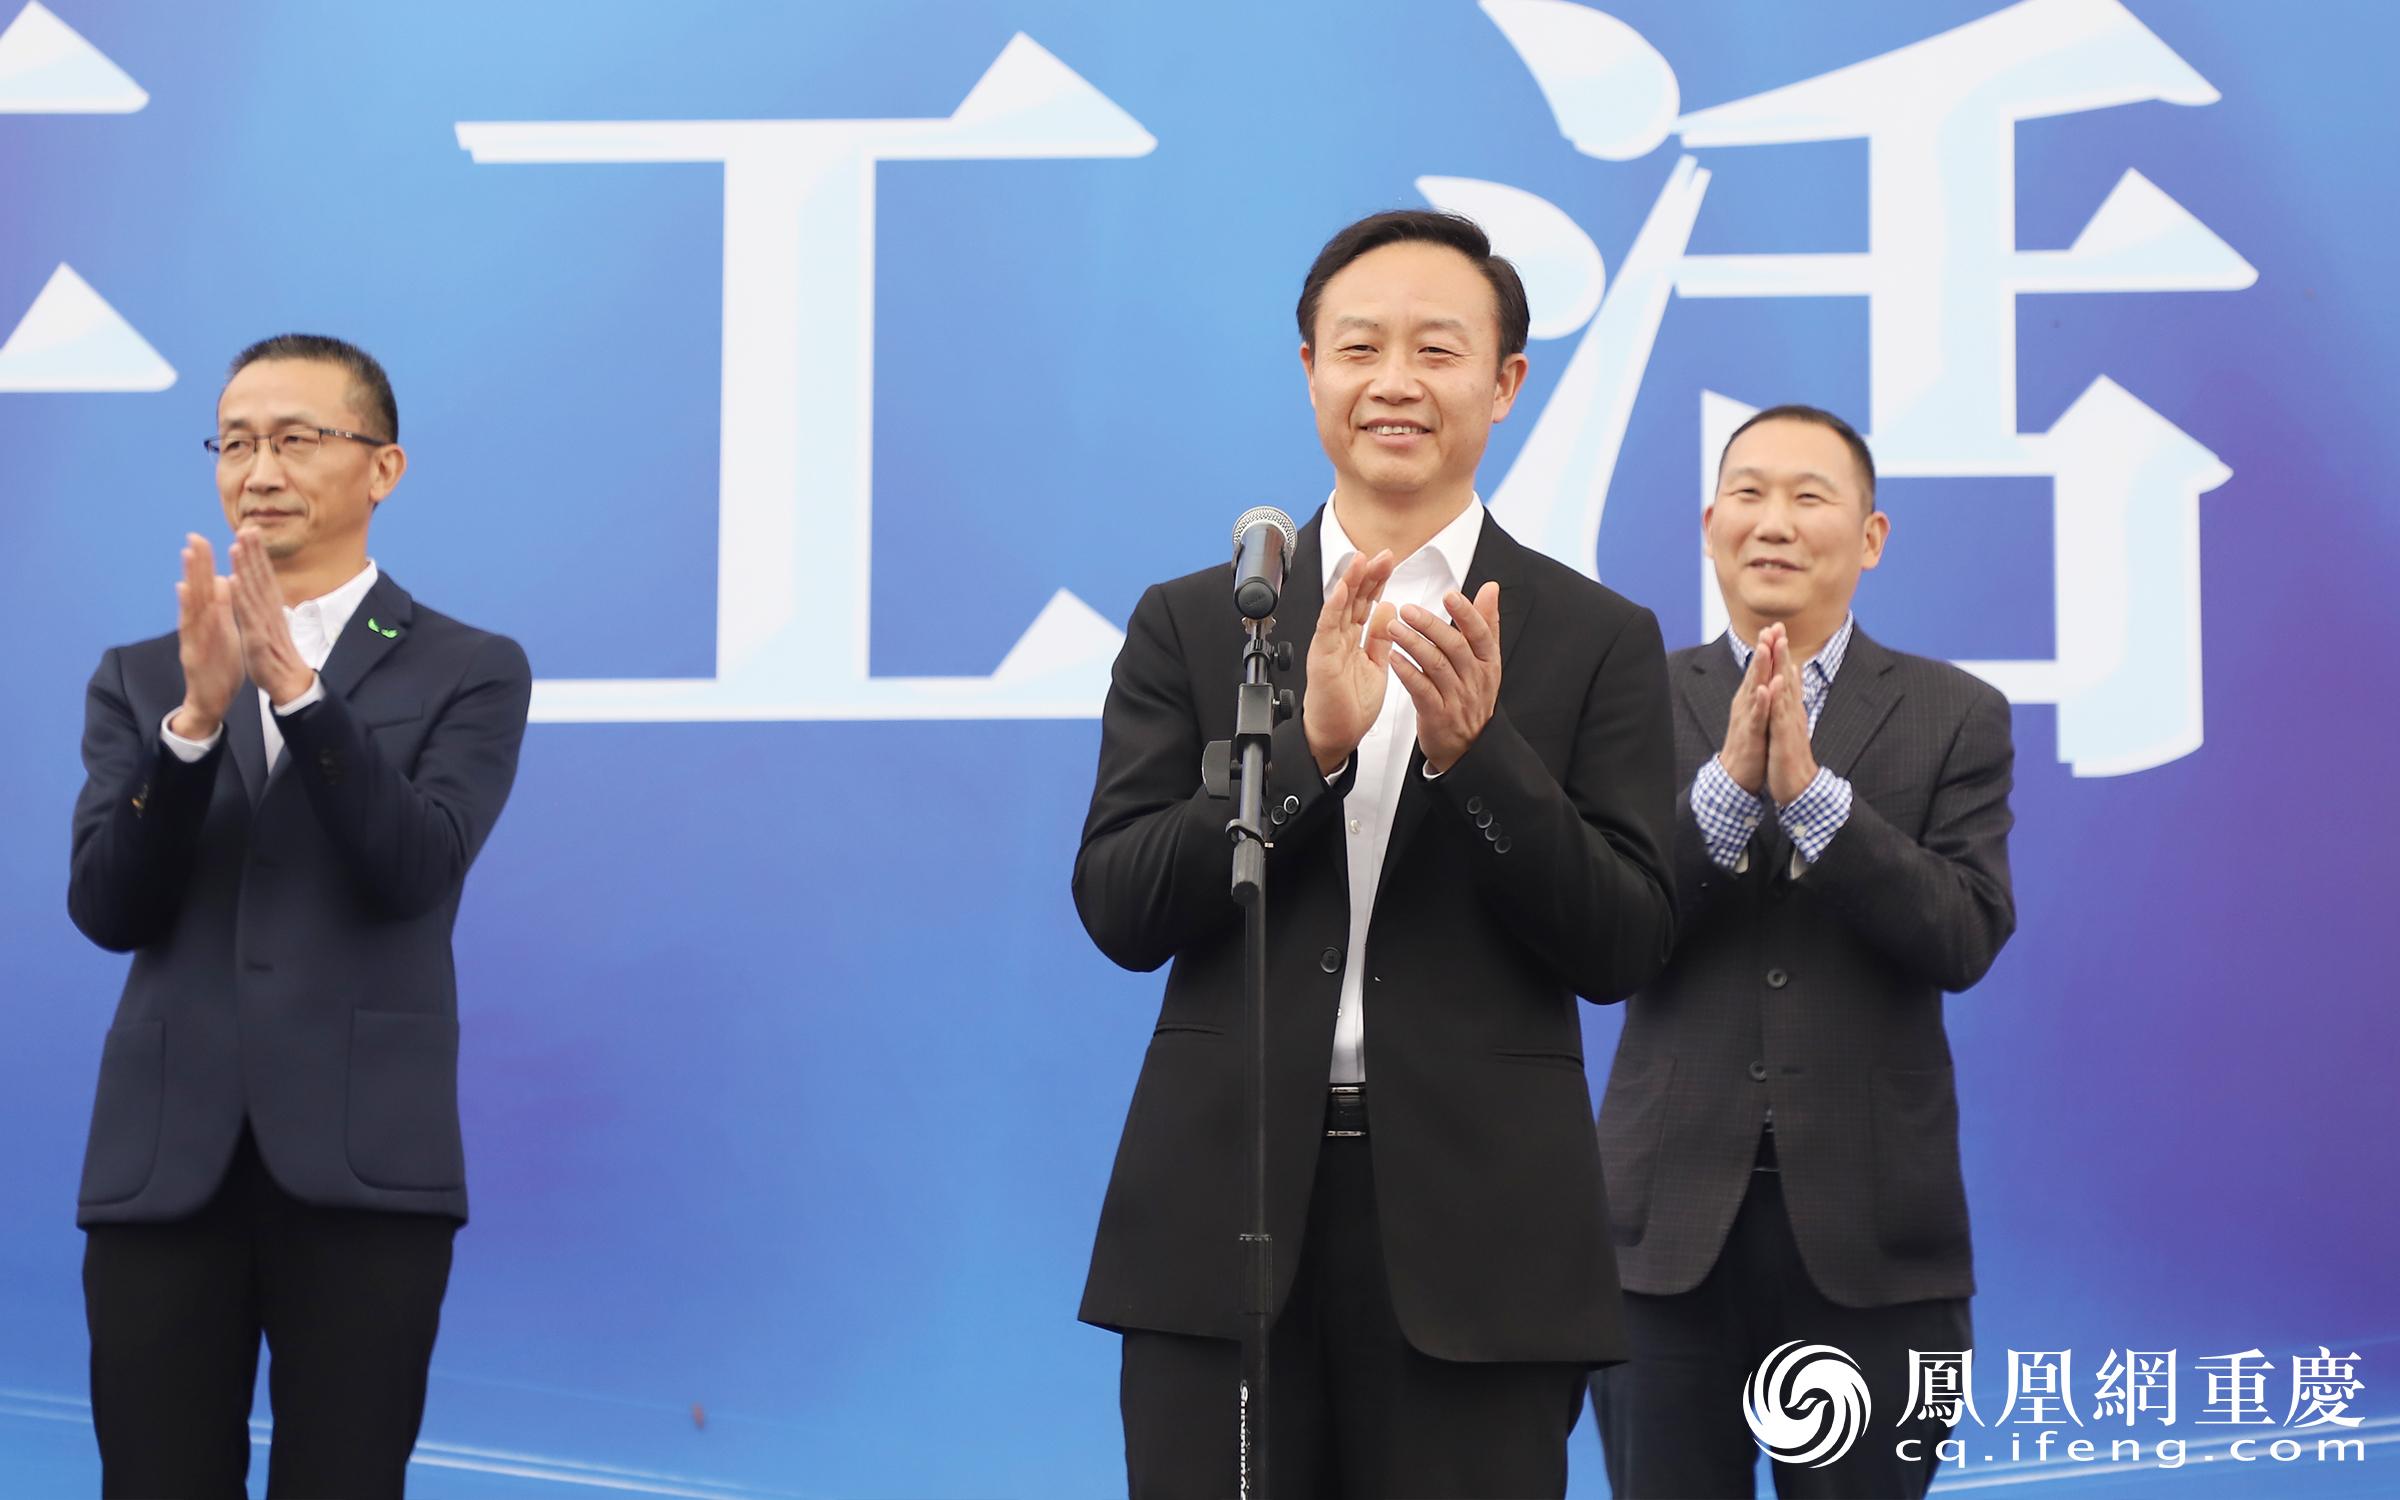 巴南区副区长张春平宣布产业园项目开工